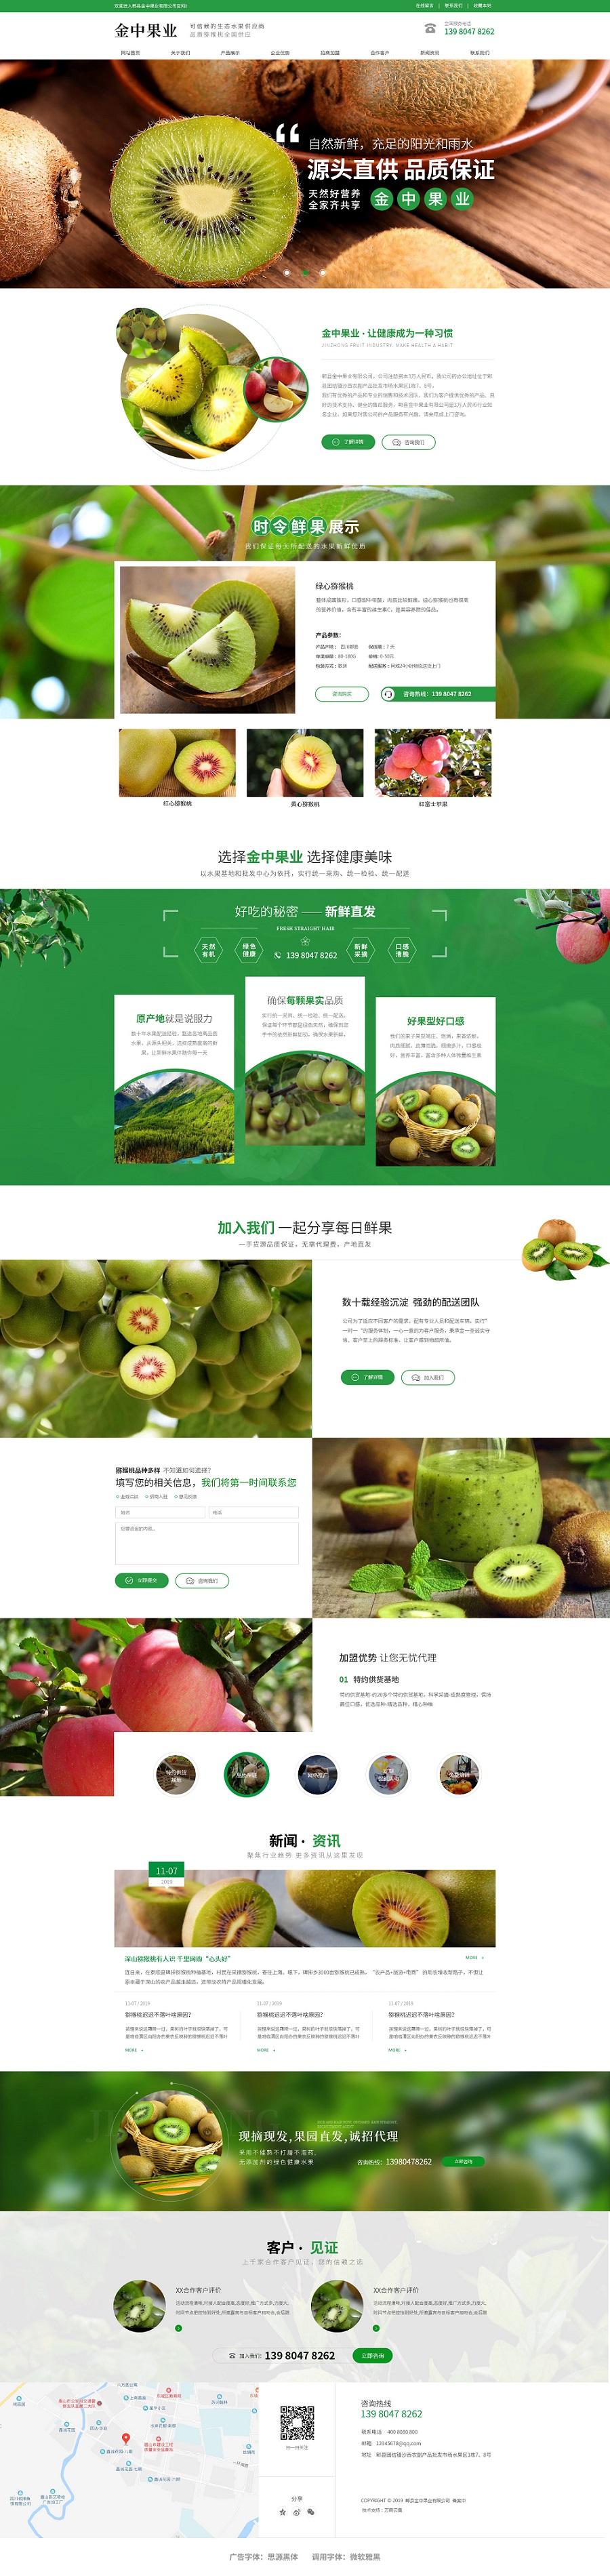 天津哪里有绿色水果怎么样